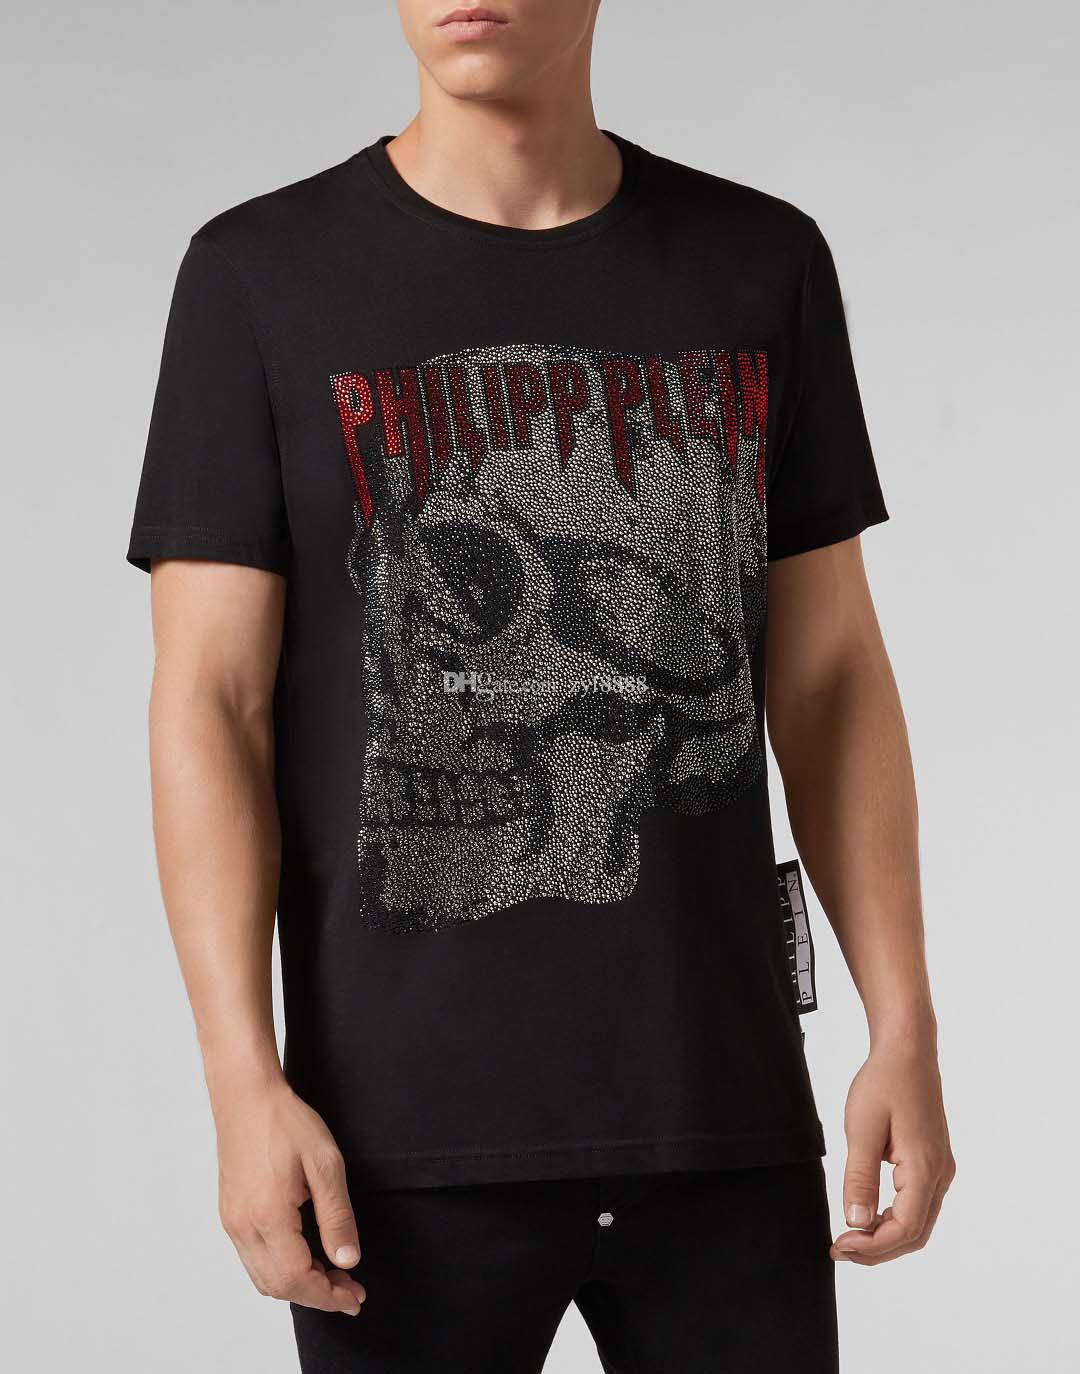 5037f23ed Camiseta impresa camiseta 2019 nuevo hombre camiseta Crewneck Todo algodón  ropa Verano Vintage Tops camisetas de calidad superior 2018-2019 nueva ...